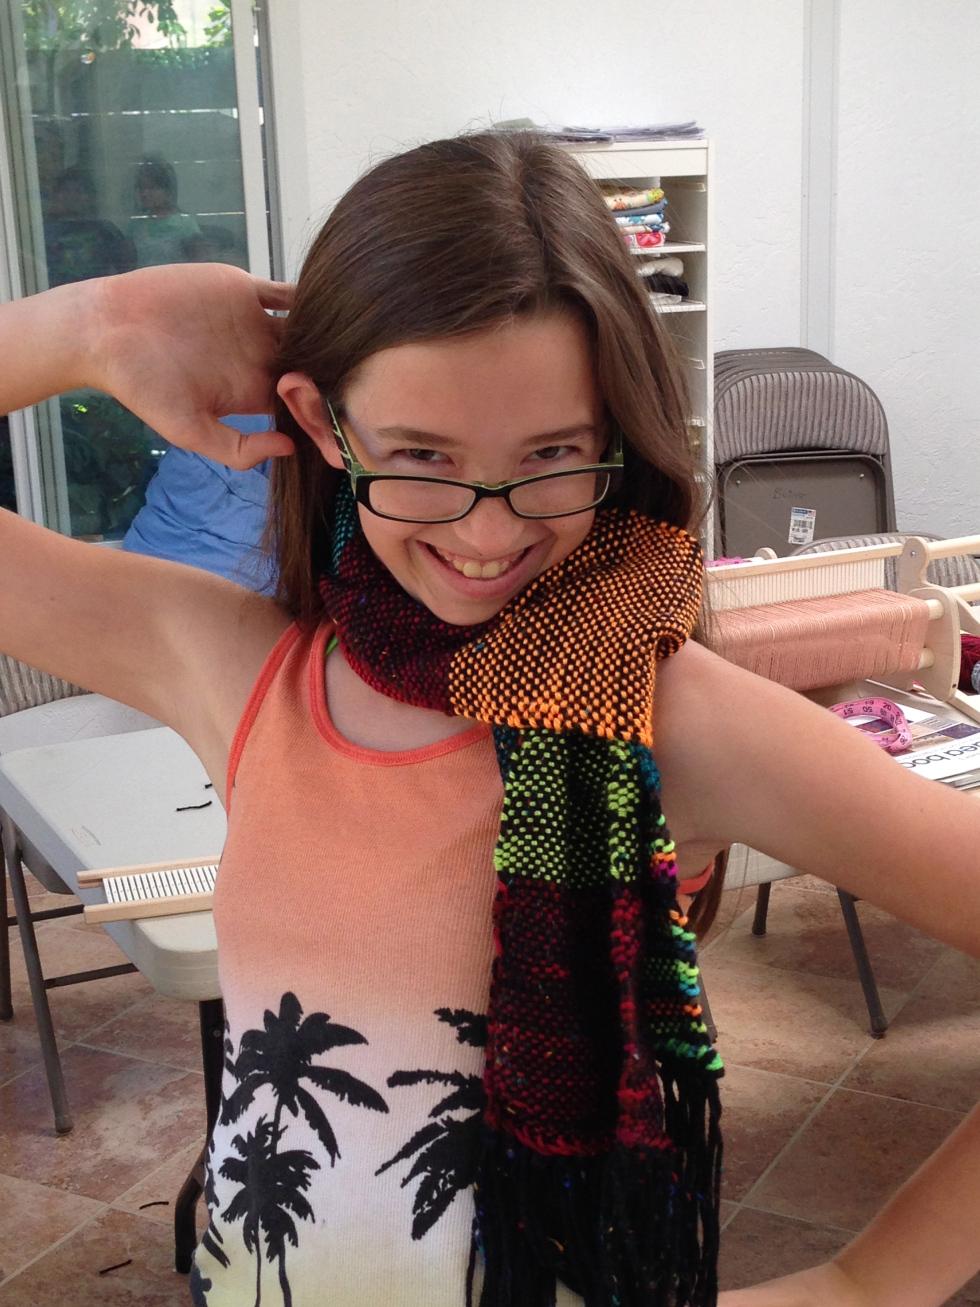 7th grader scarf